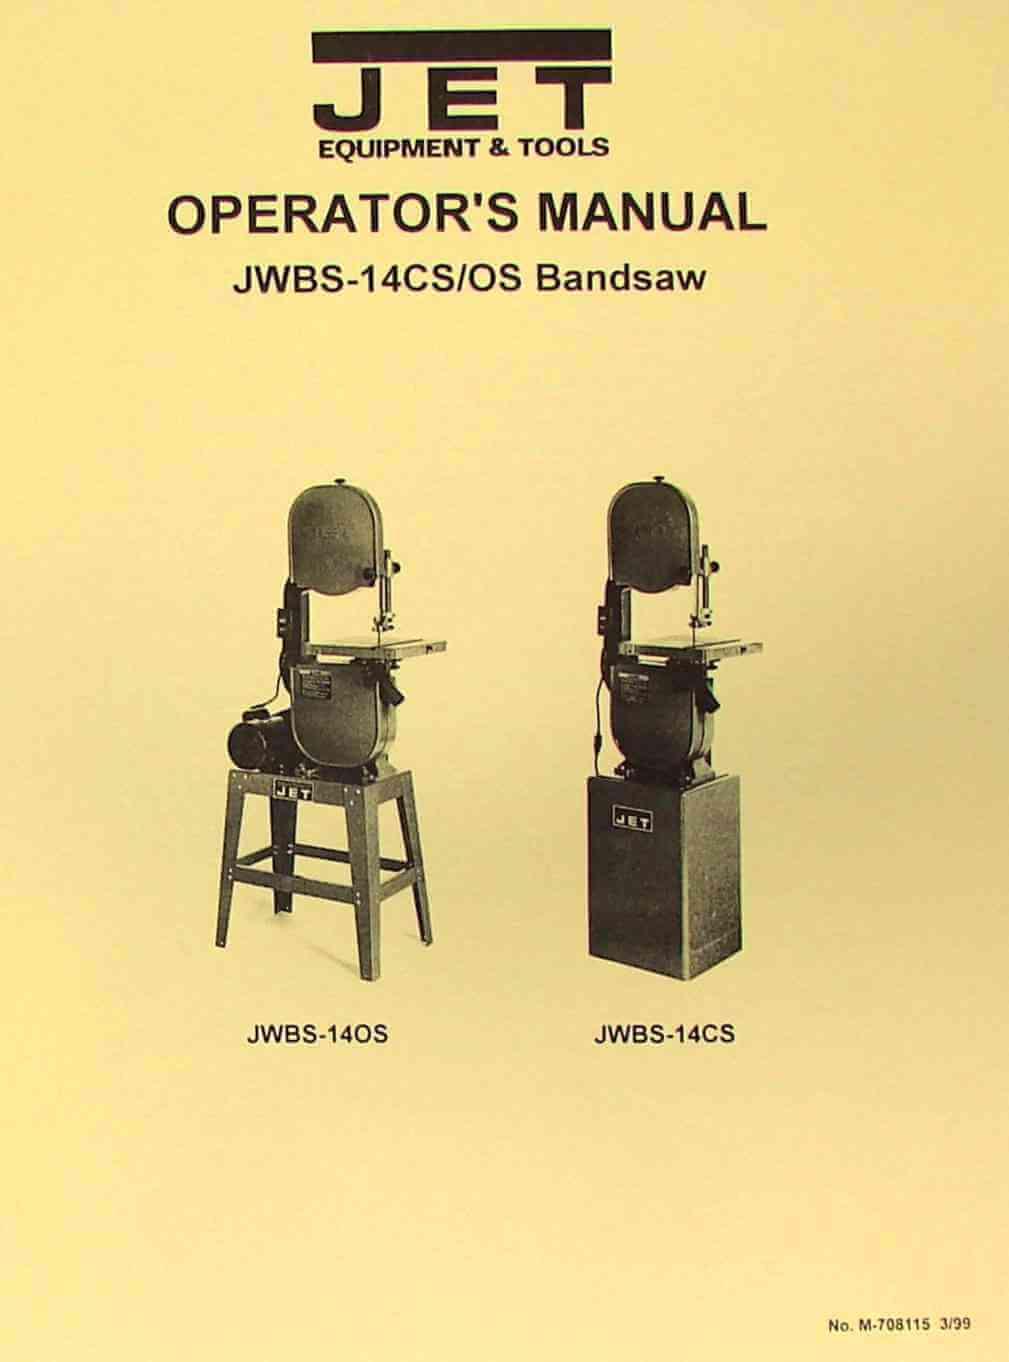 Jet 10 Bandsaw Manual